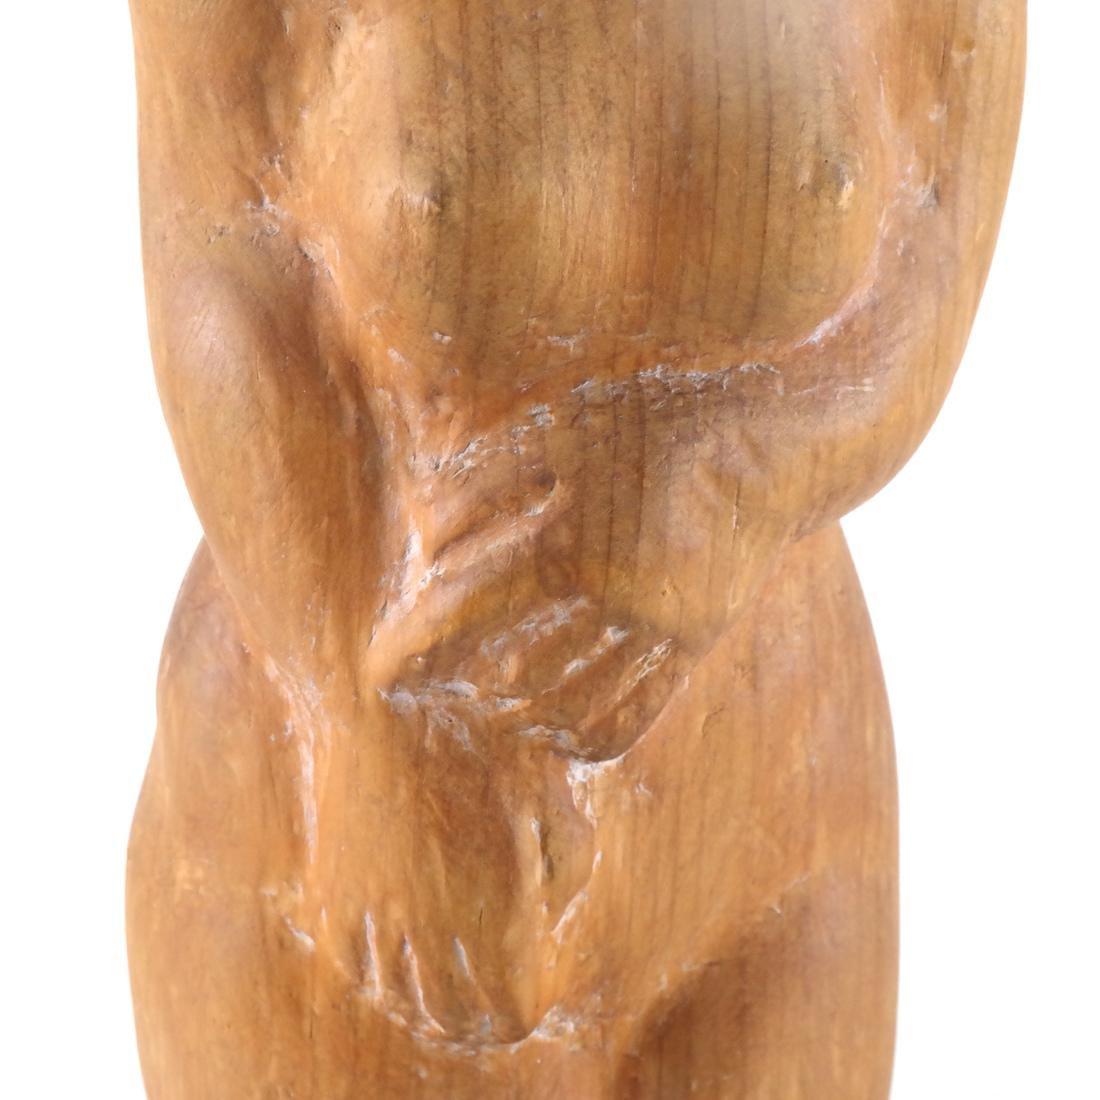 William Zorach-Type Wood Sculpture - 3